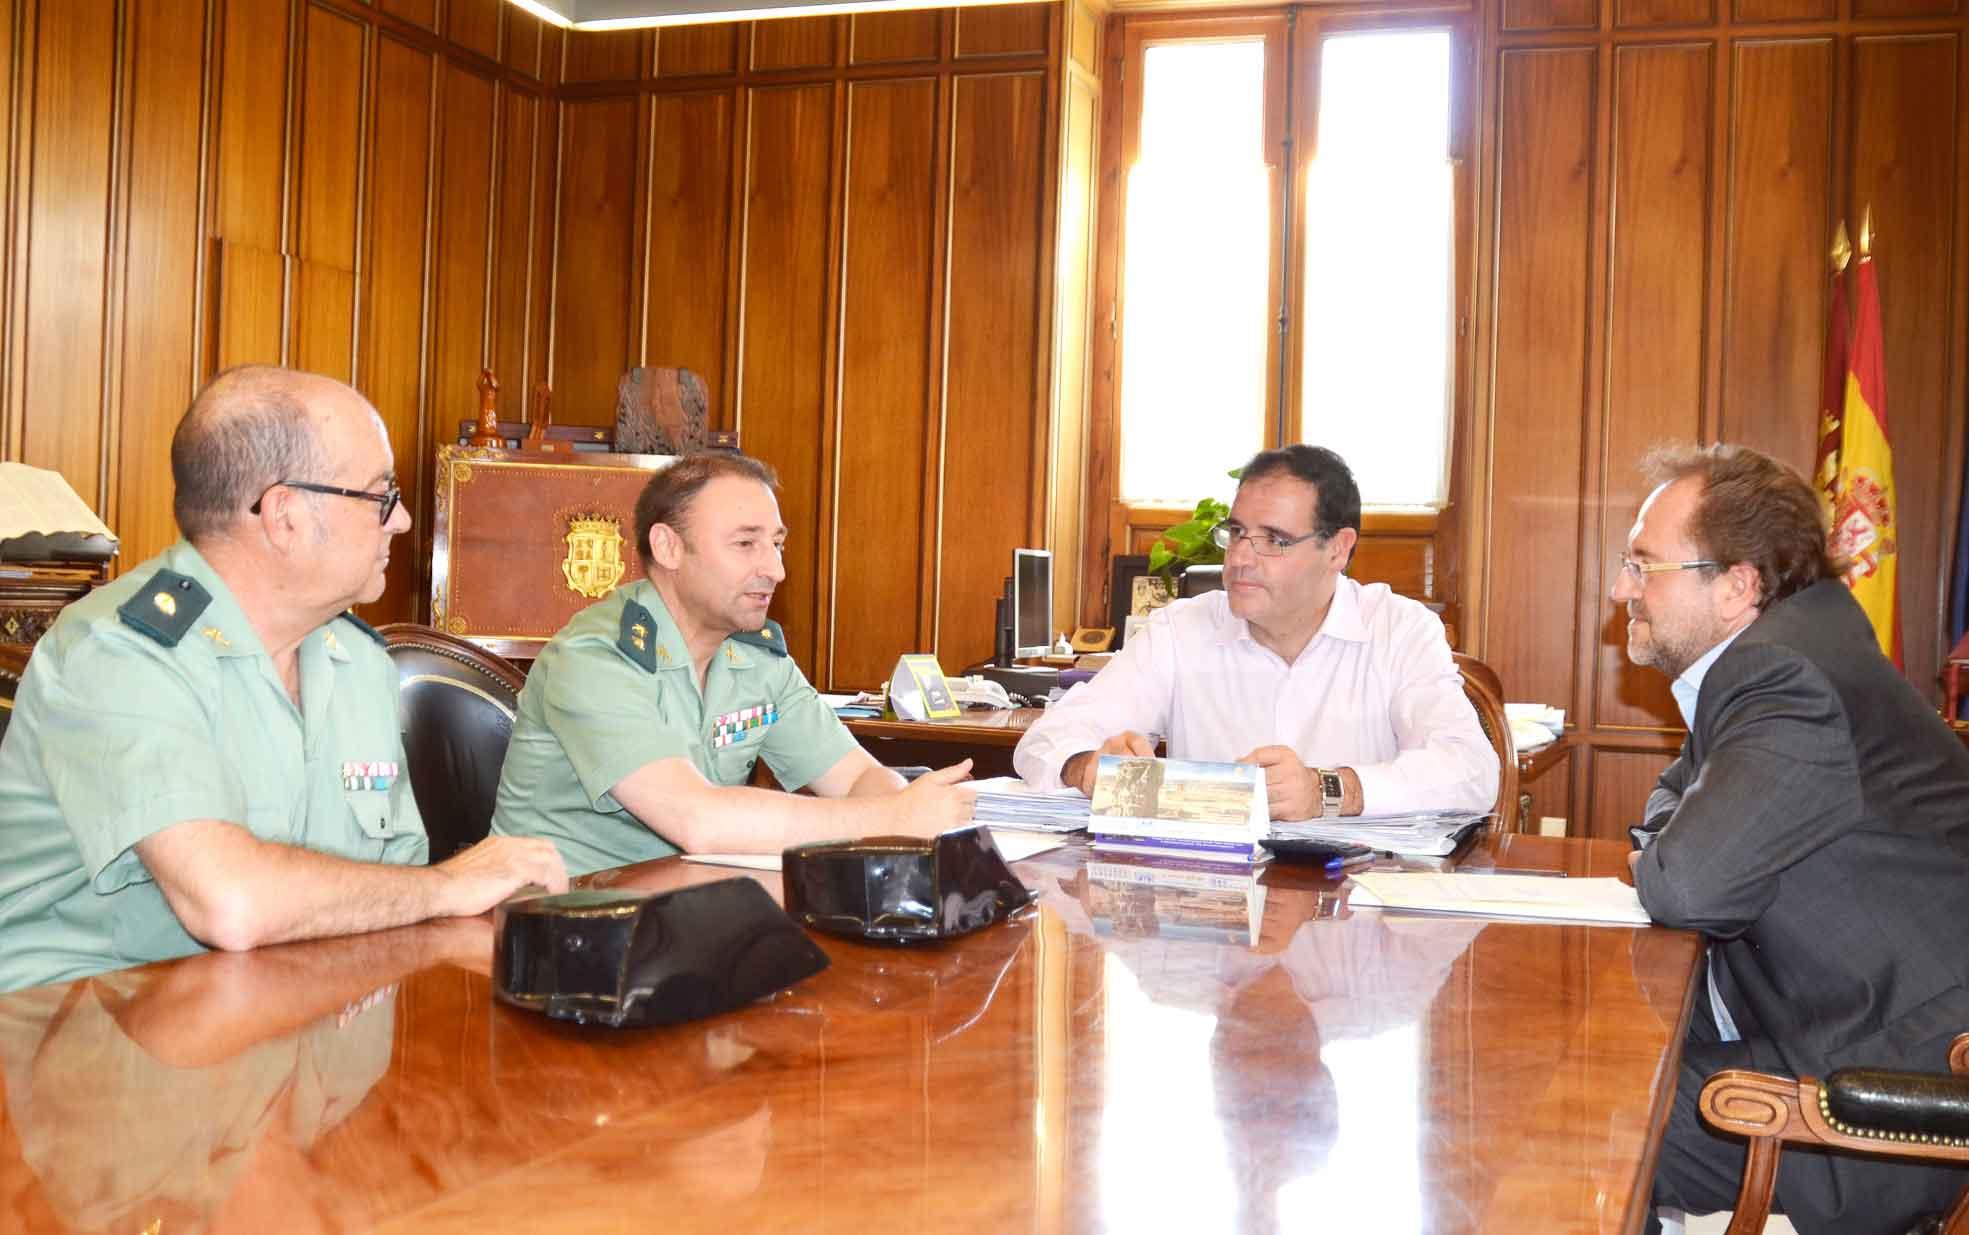 La diputaci n de cuenca y ministerio del interior mejoran este a o un total de 29 casas cuartel - Ministerio del interior oposiciones ...